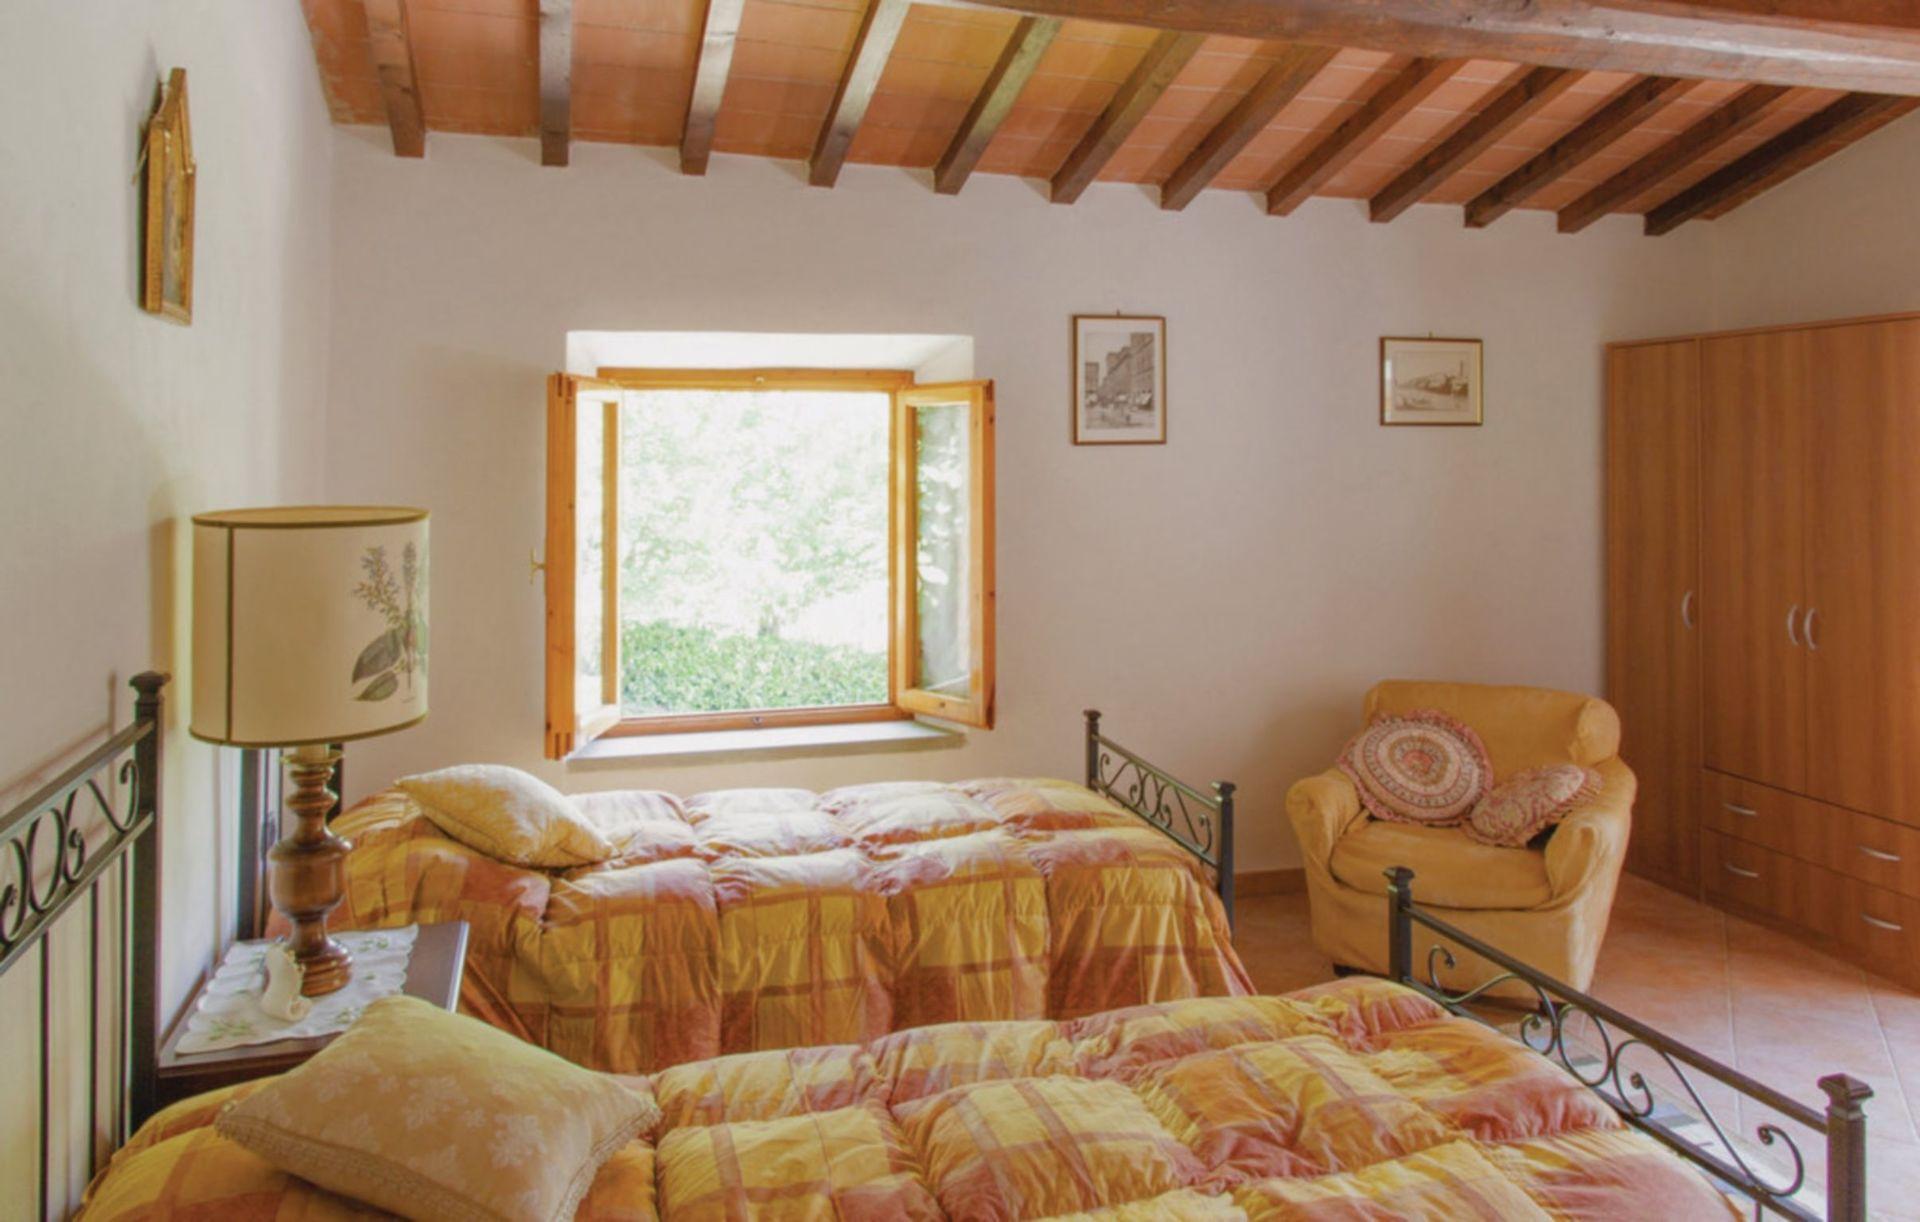 Baco casa vacanze con 8 posti letto in 4 camere for Branson cabin rentals 4 camere da letto